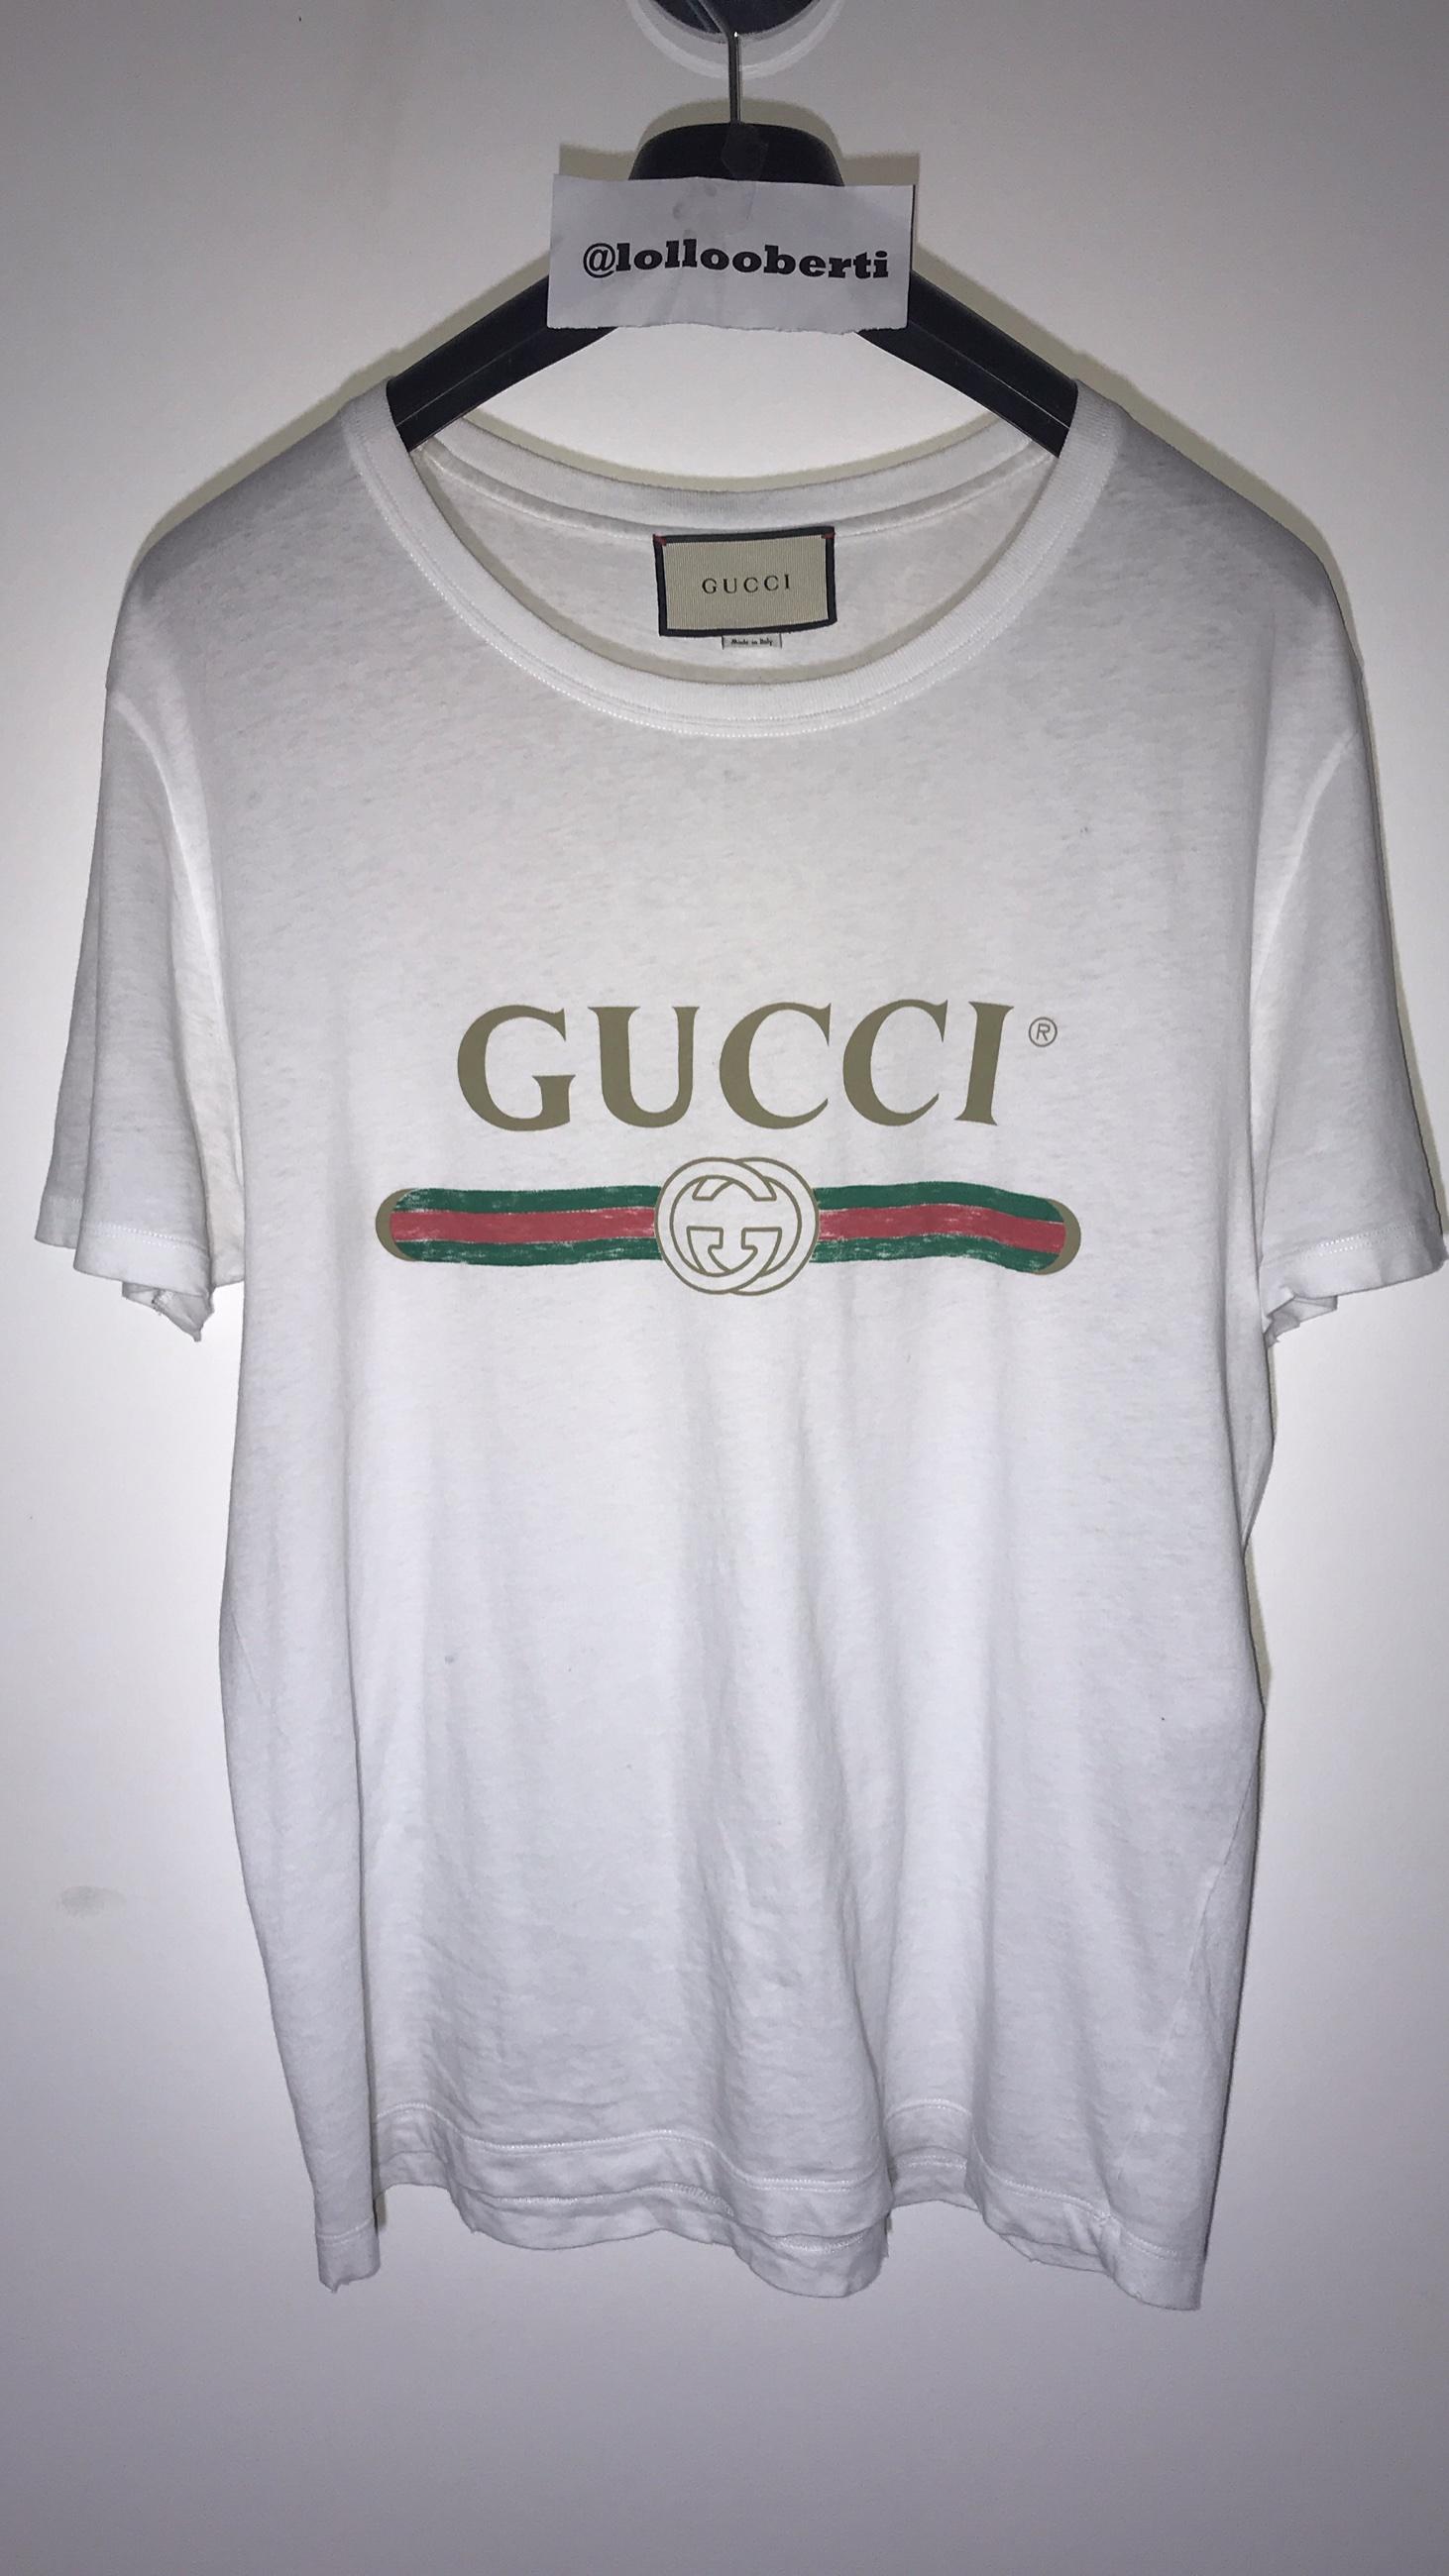 sale retailer 391e8 5f968 Maglia Gucci - Meetapp